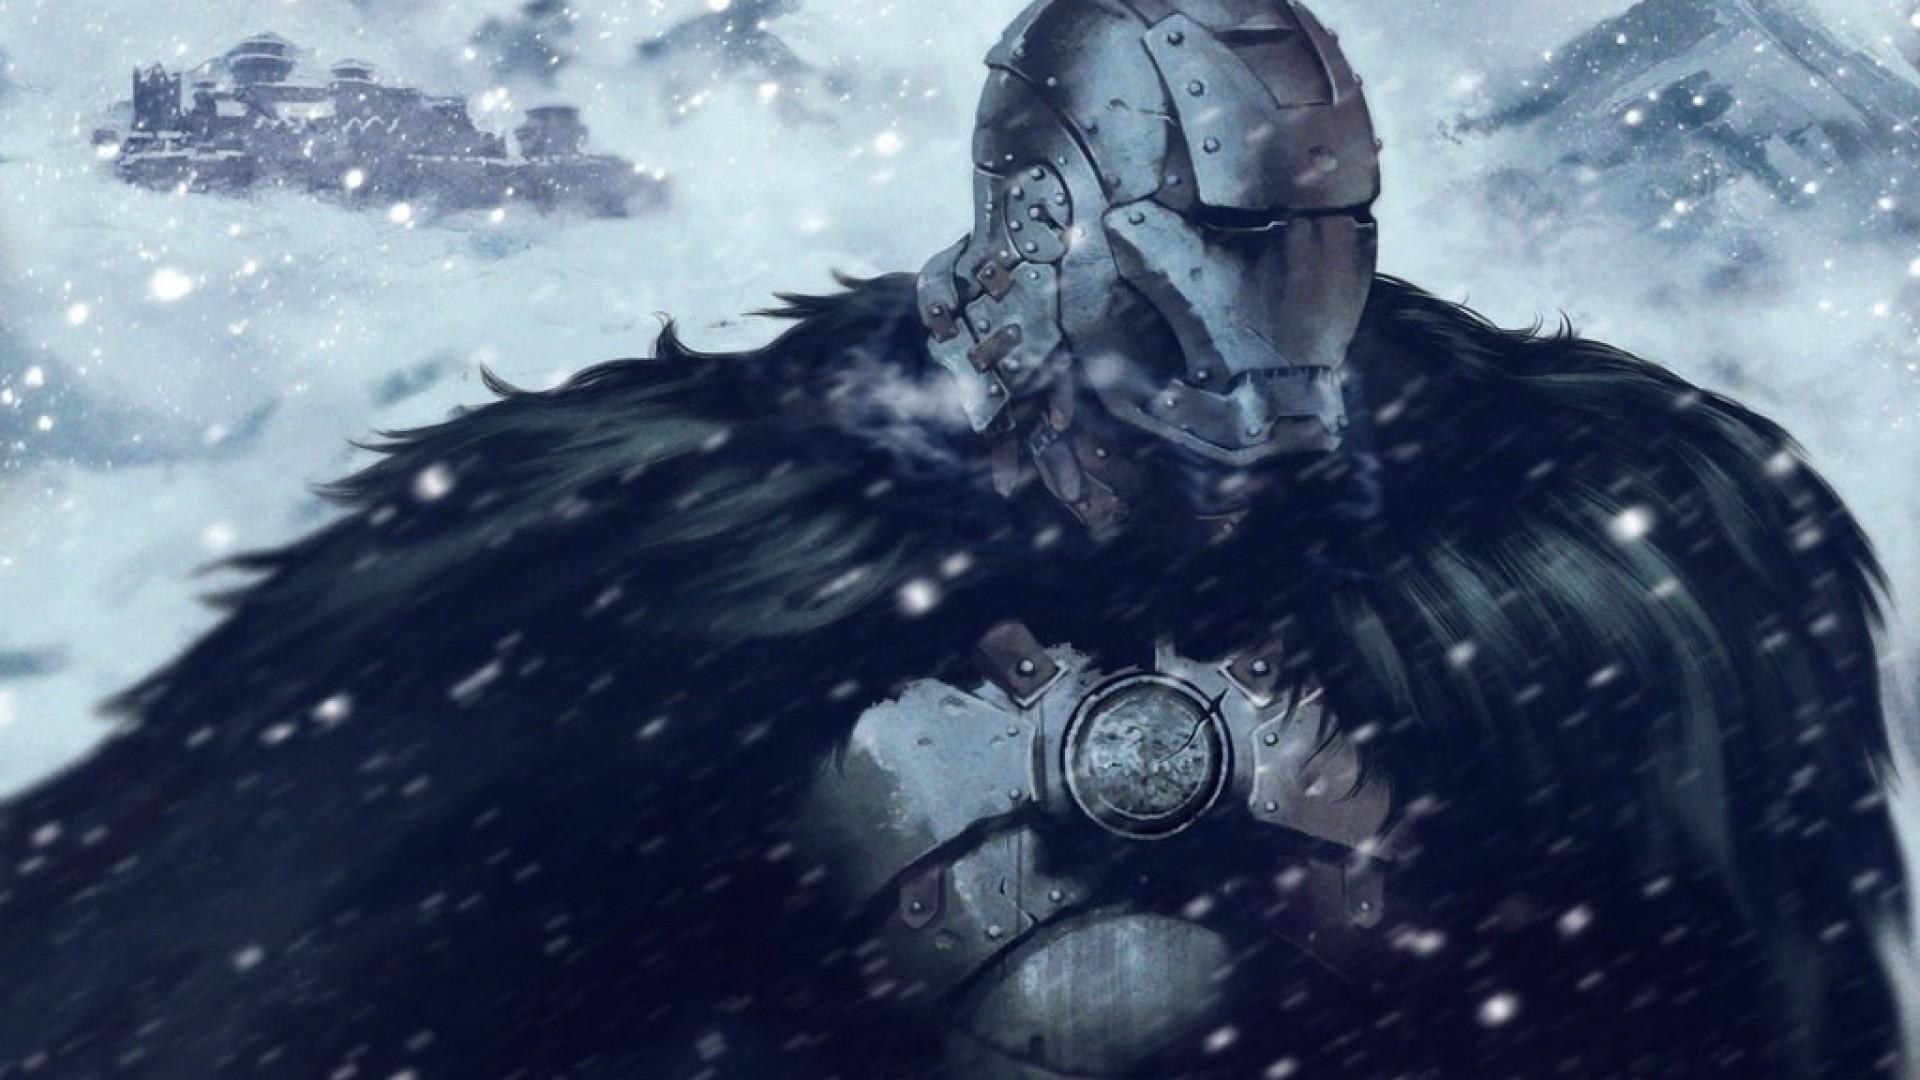 House Stark Wallpaper (71+ images)